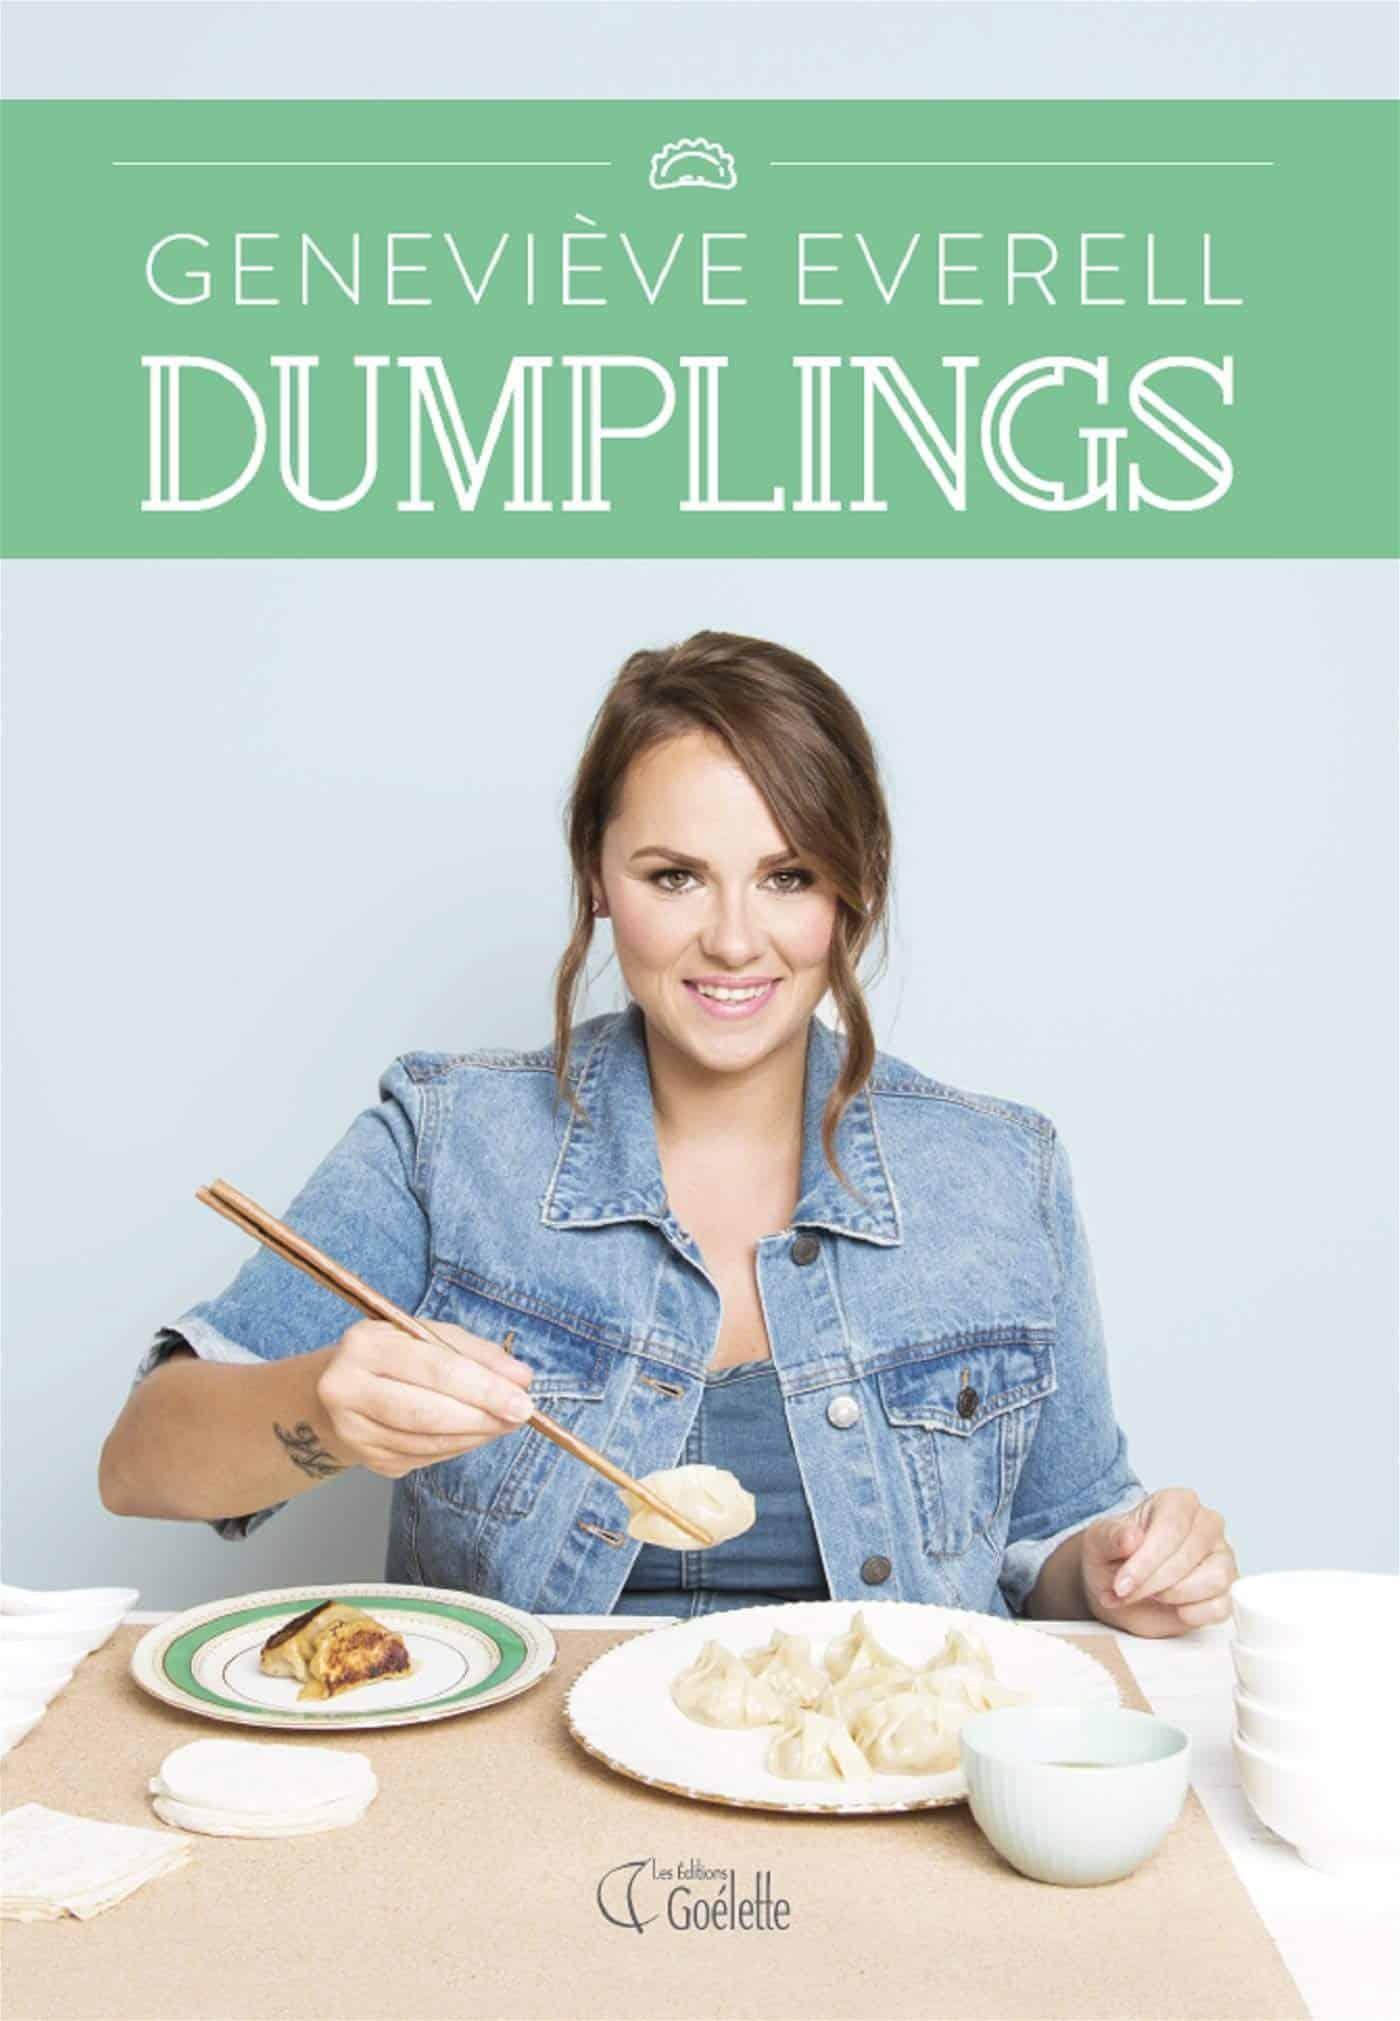 Couverture du livre Dumplings de Geneviève Everell